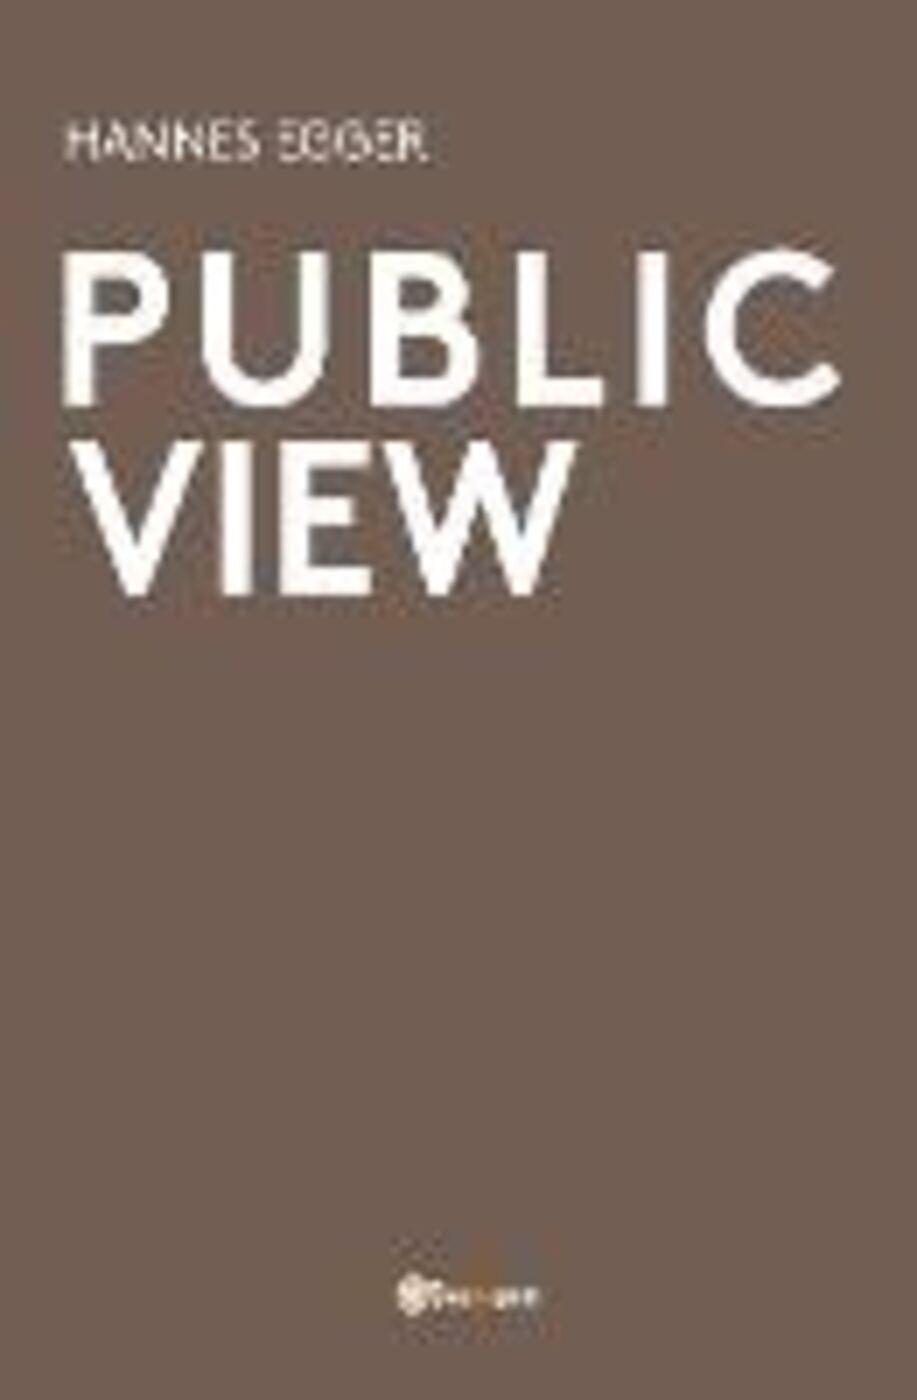 Public view